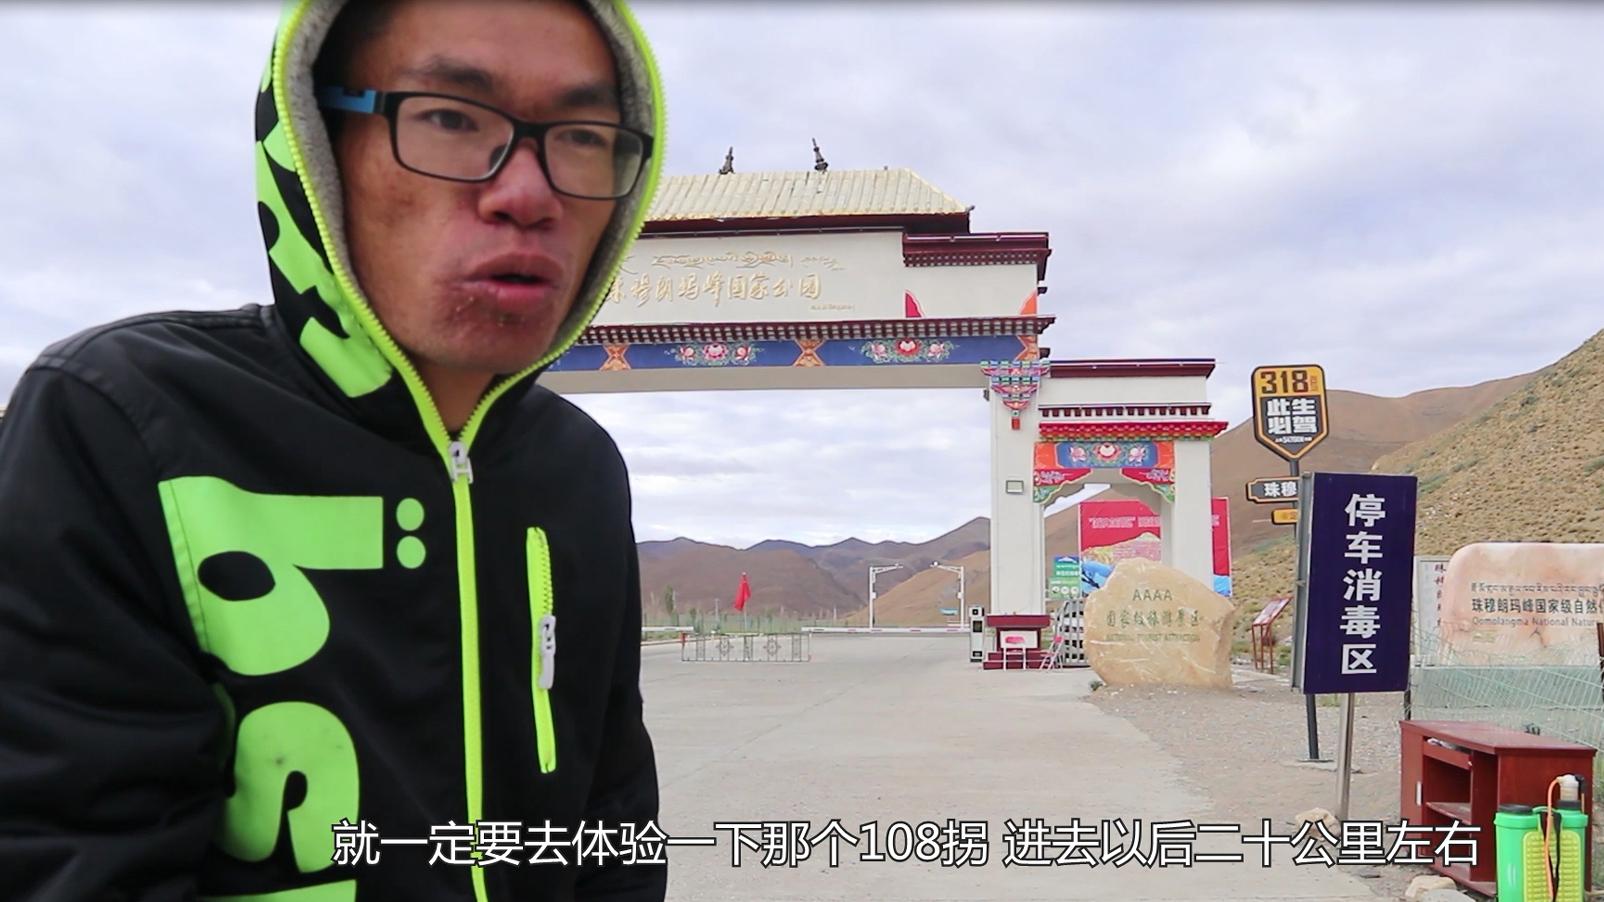 珠穆朗玛峰门票这么贵?2小伙在景区门口被吓退,来的不是时候